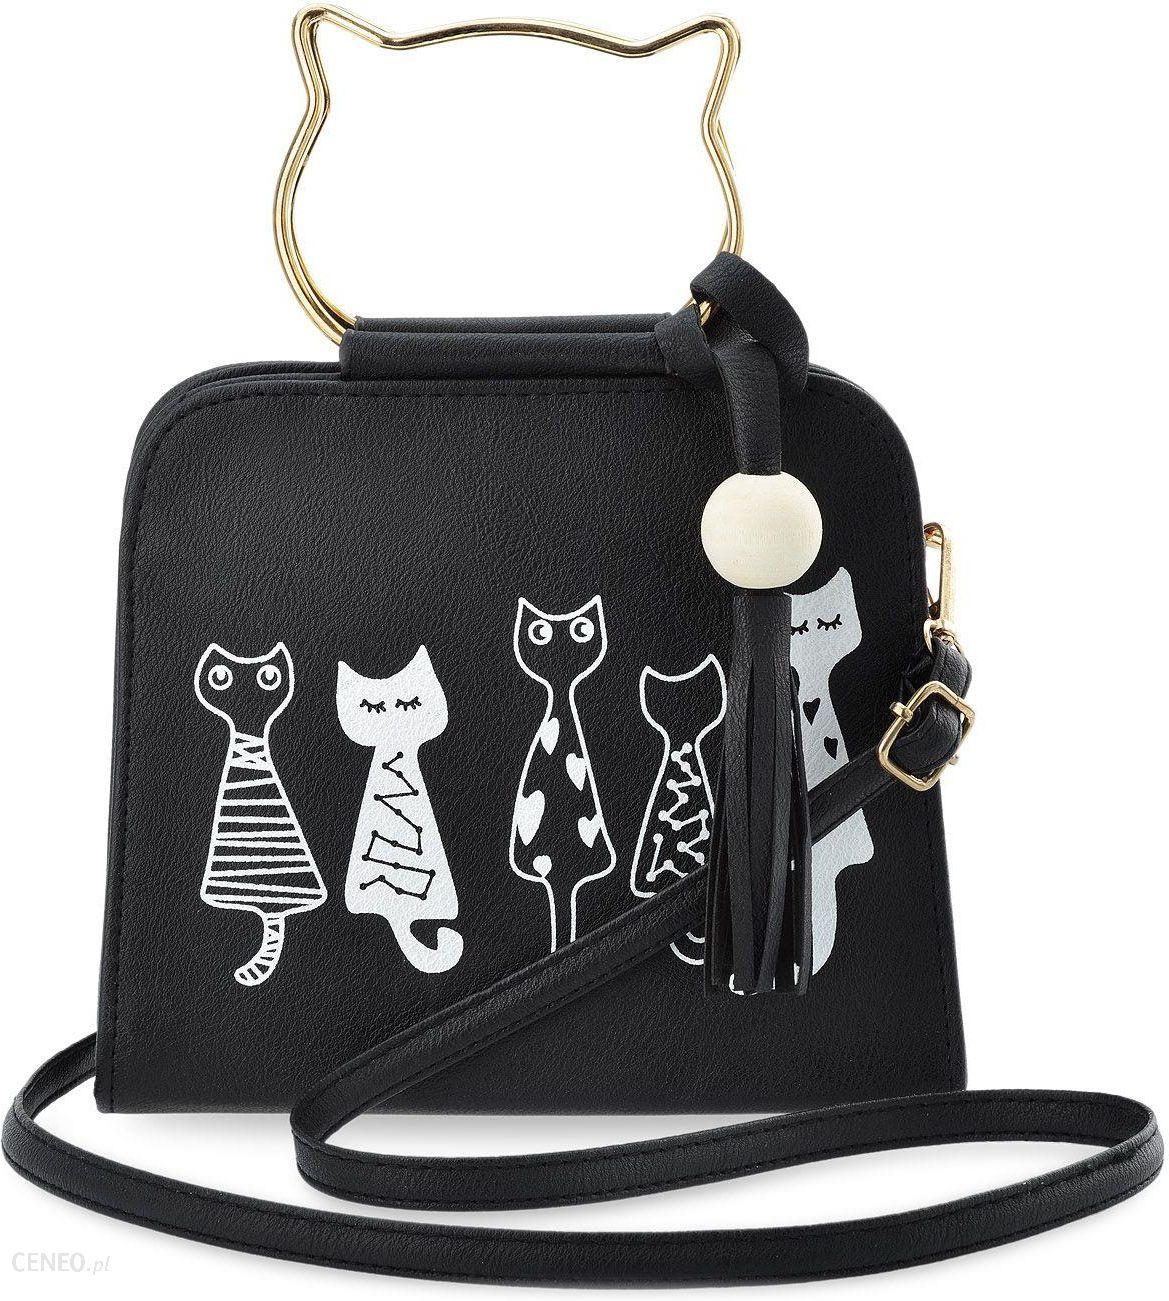 1683a481cb80a Młodzieżowa listonoszka torebka damska print kotki - czarny - Ceny i ...